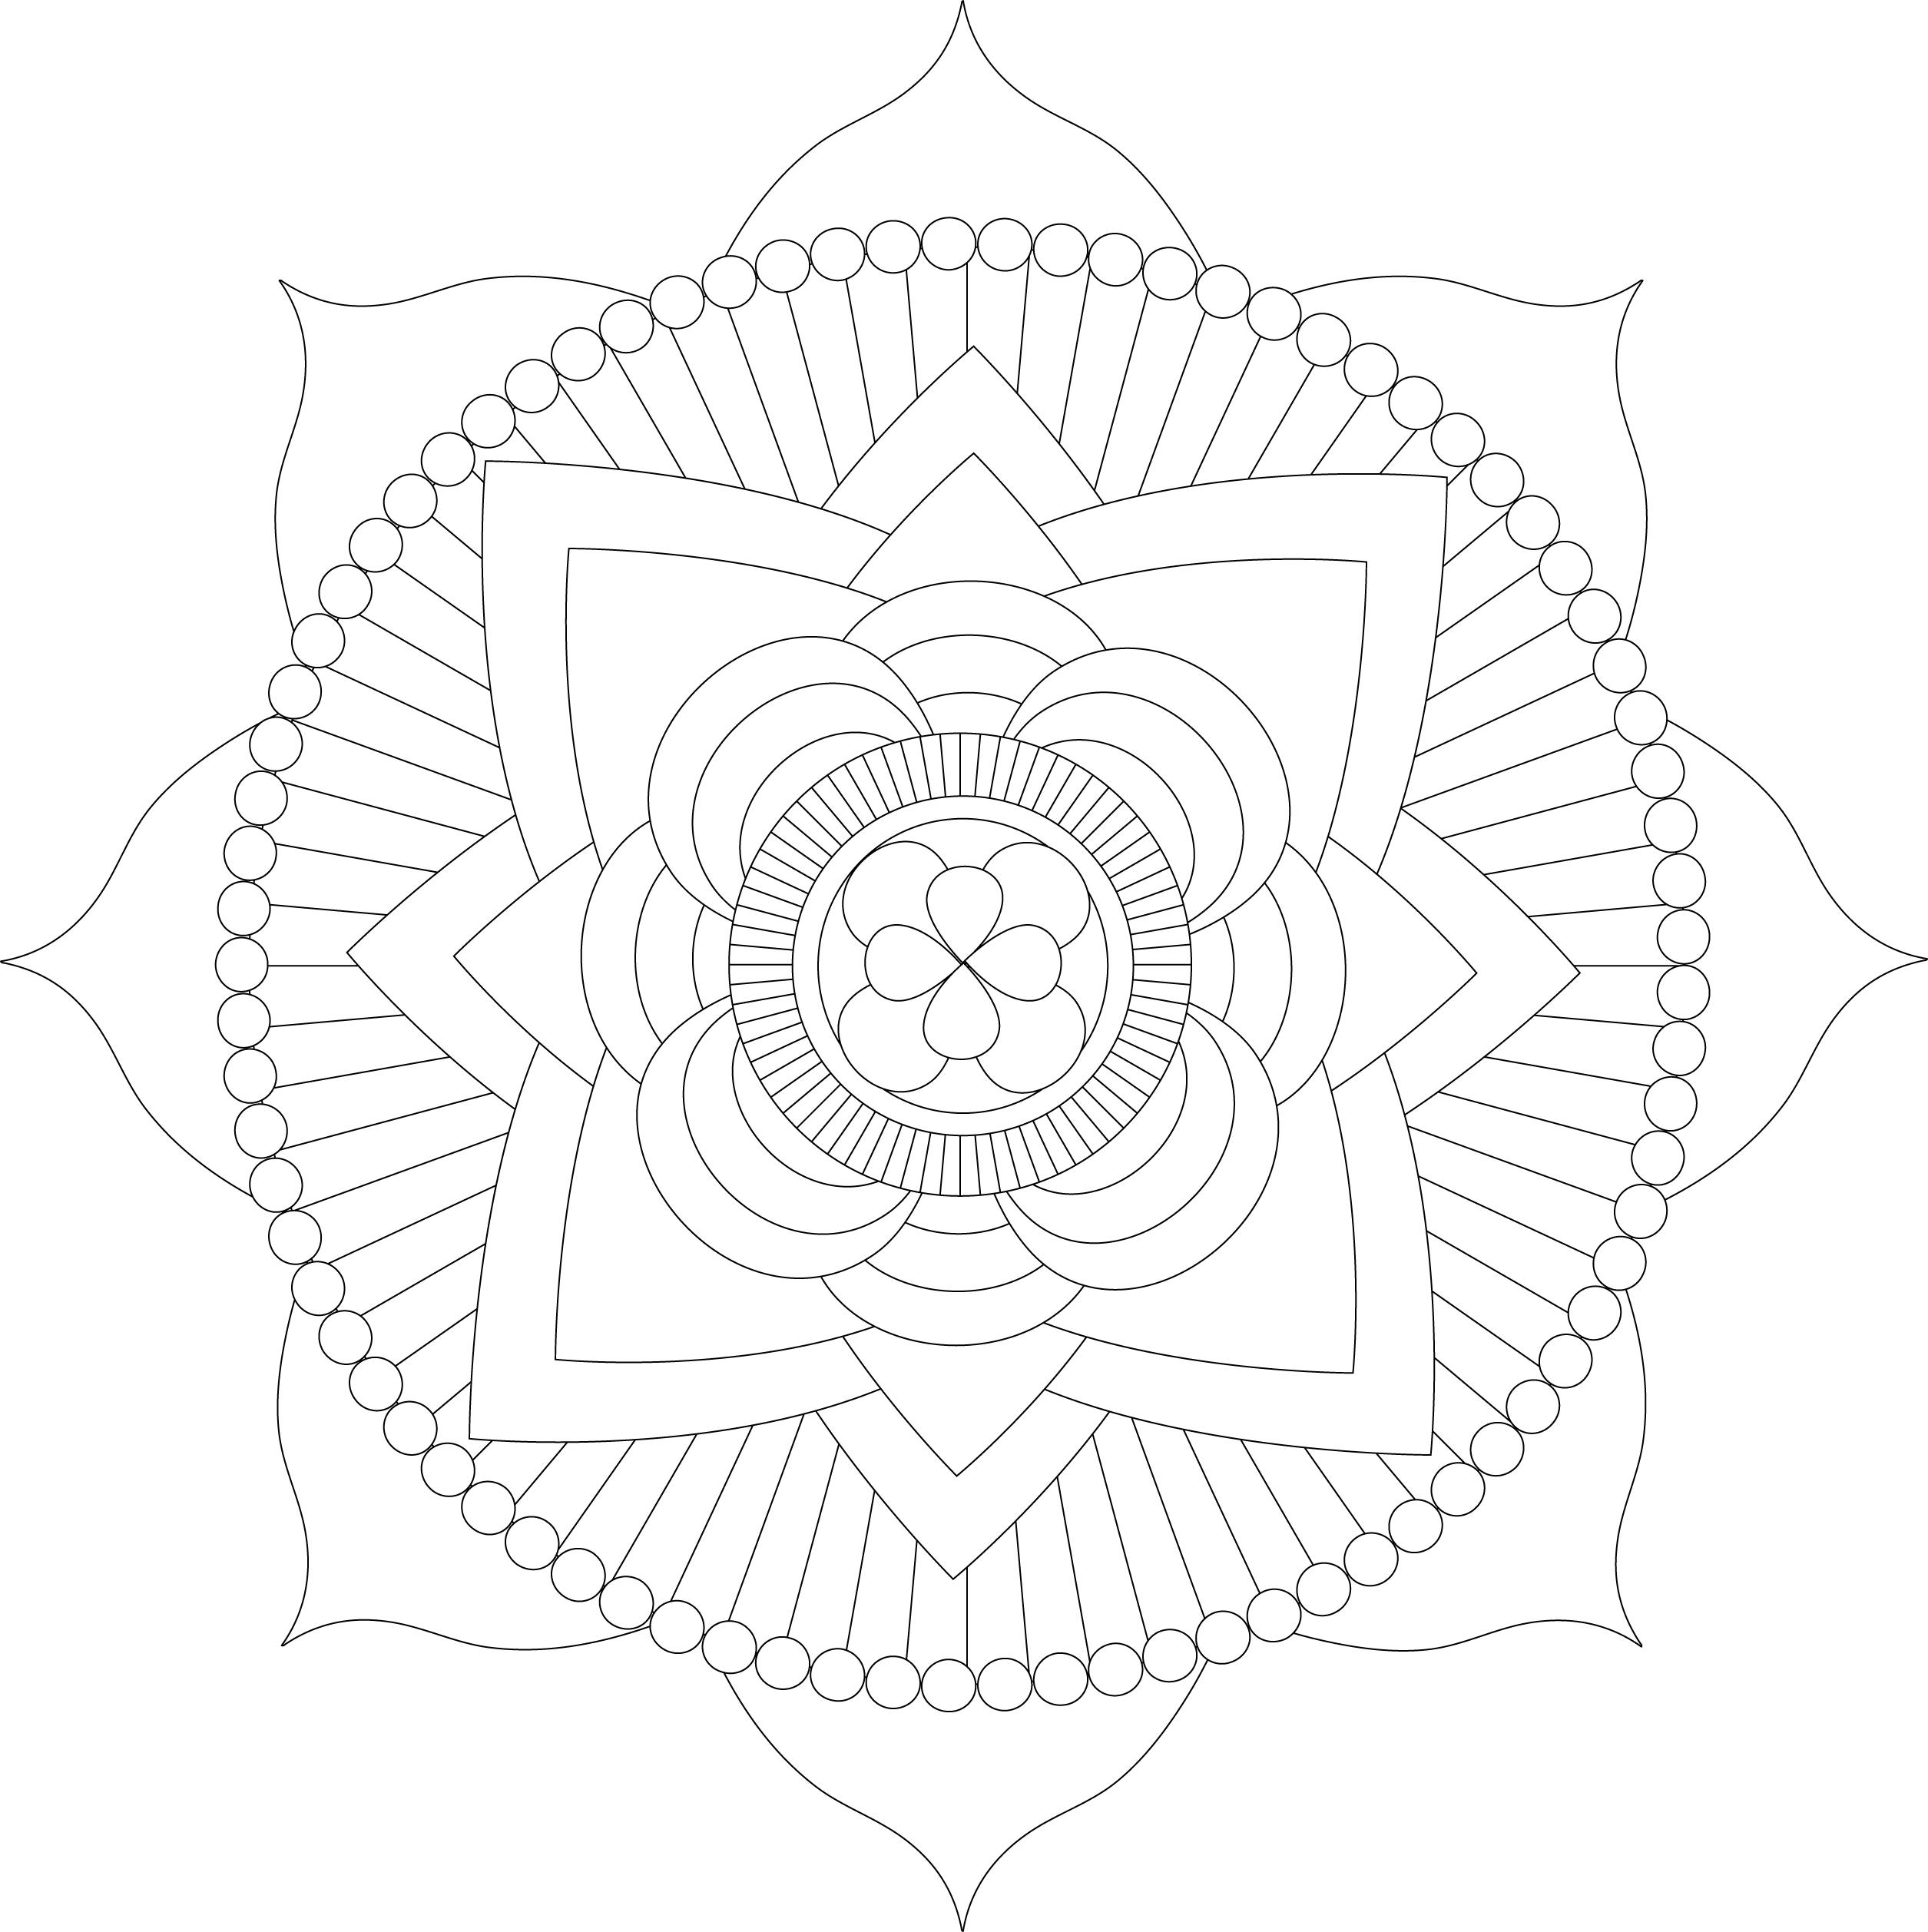 mandalas for coloring flower mandala coloring pages best coloring pages for kids for mandalas coloring 1 1